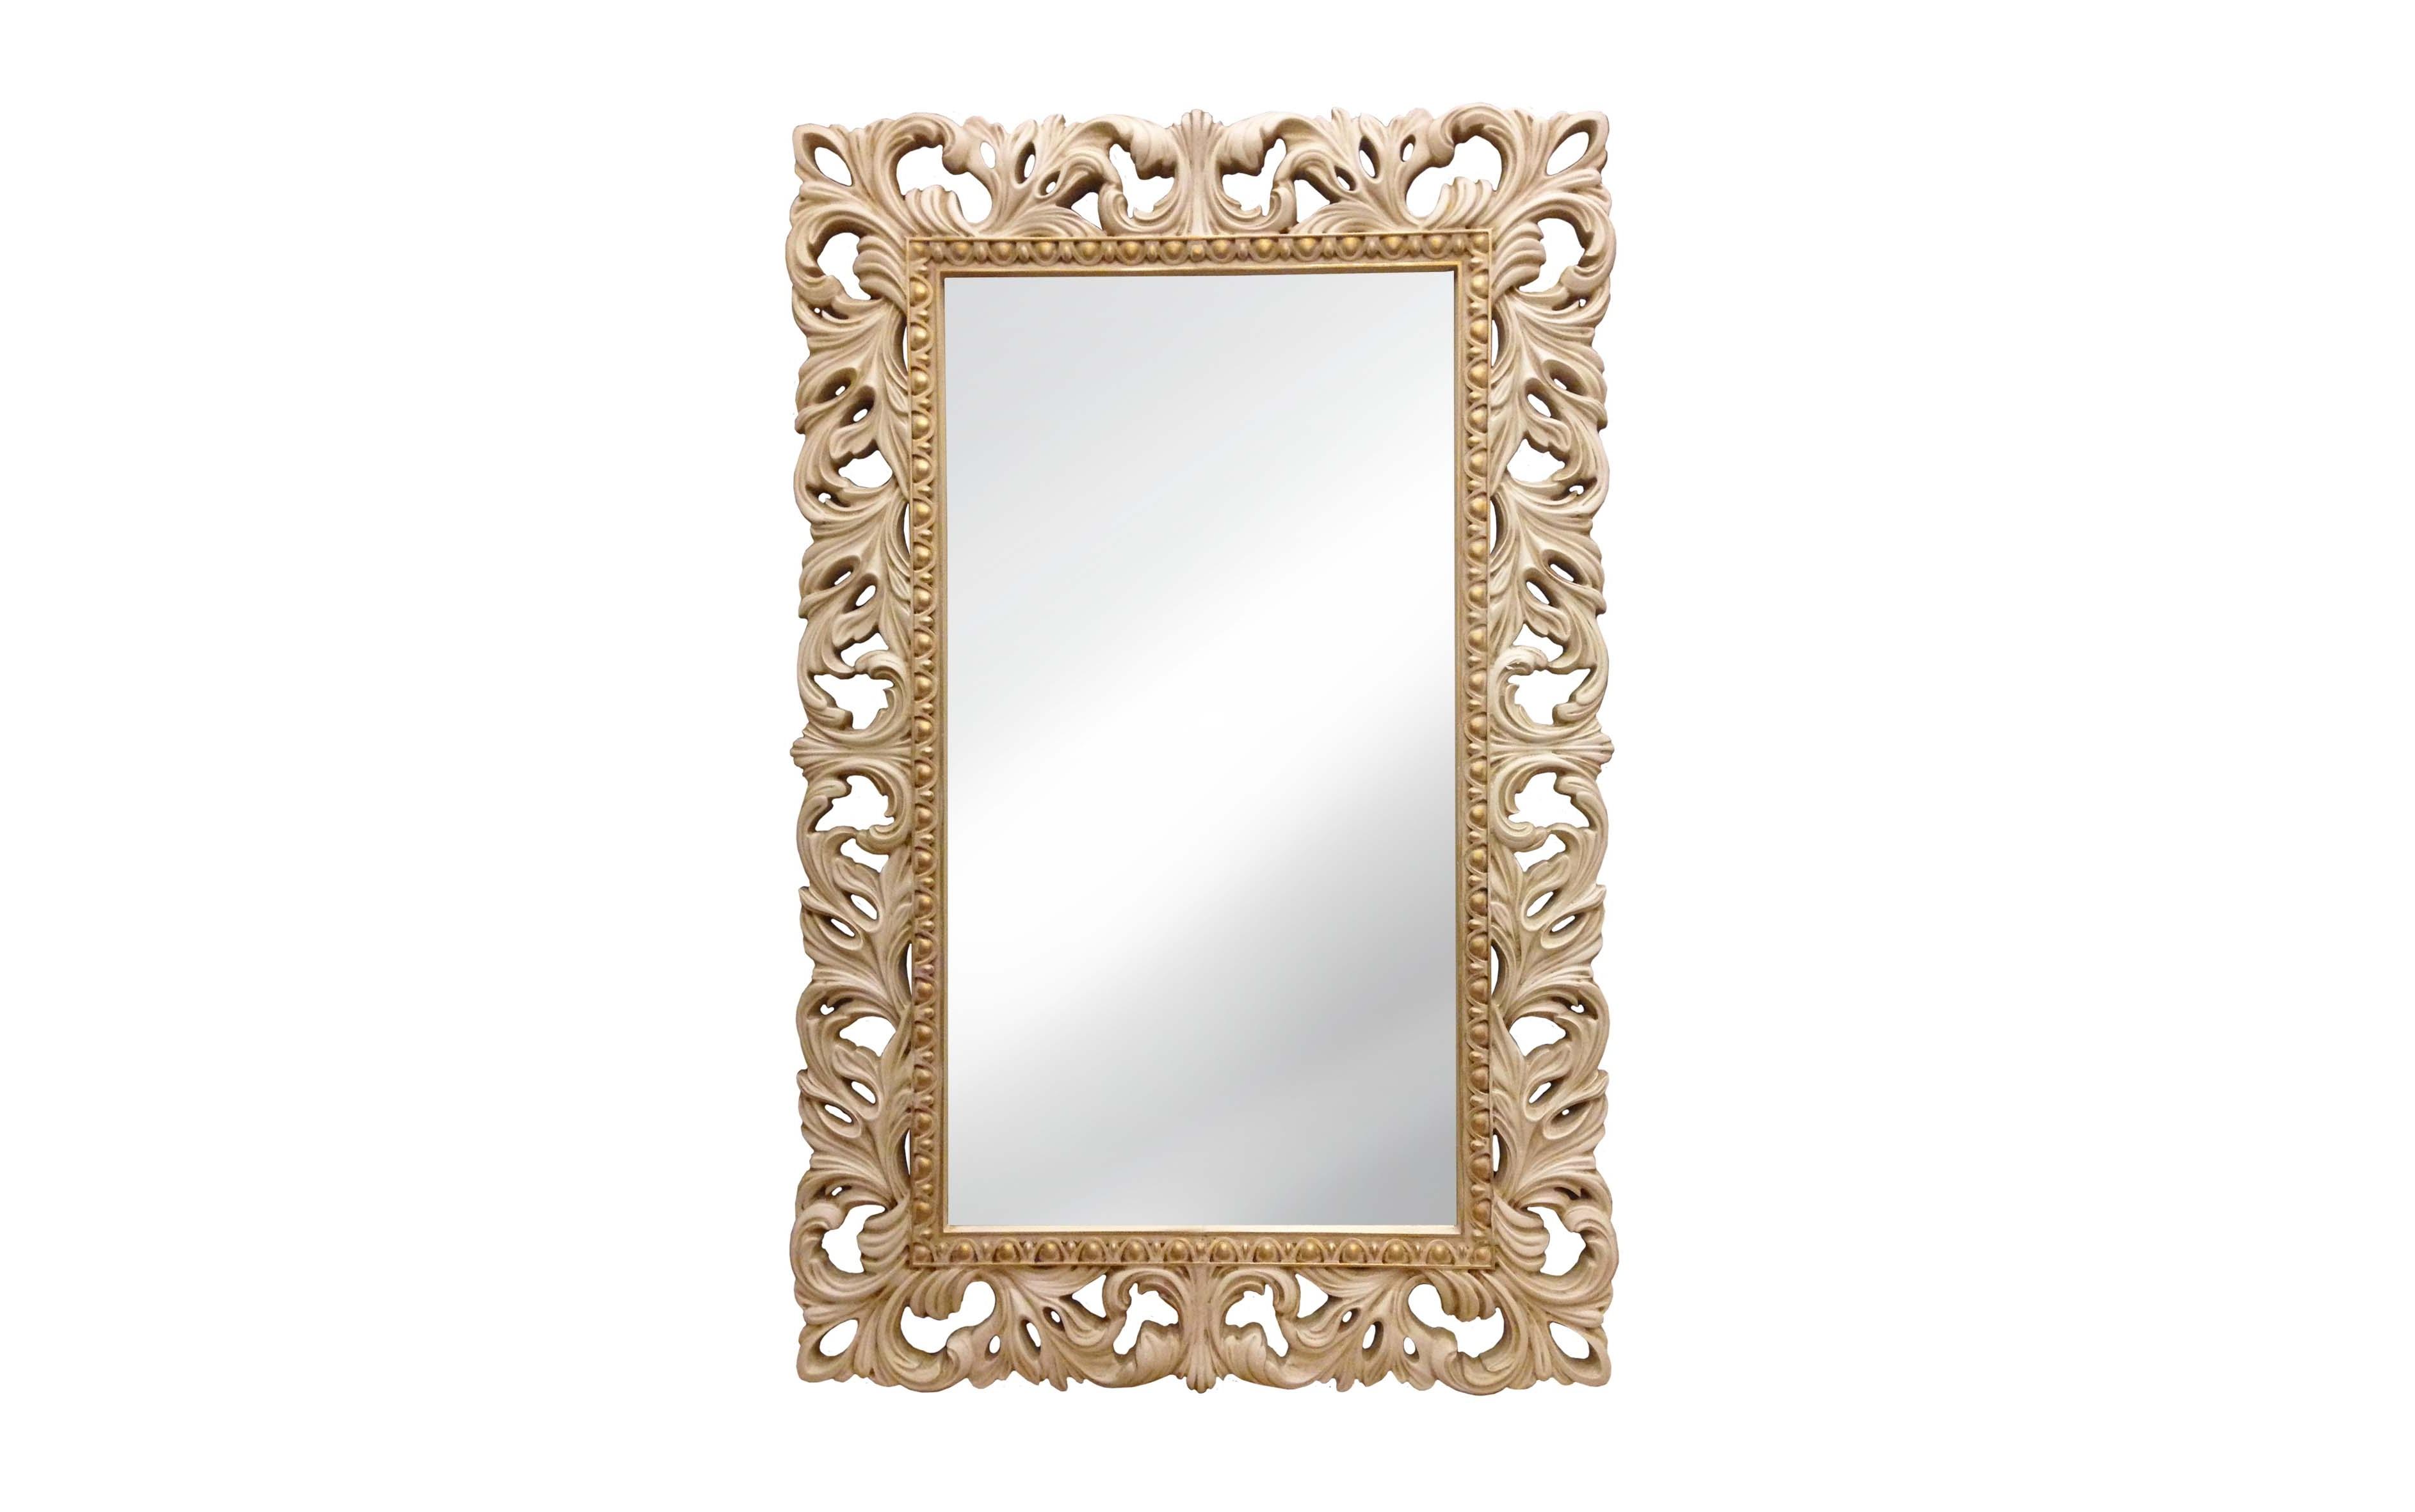 Винтажное Итальянское ЗеркалоНастенные зеркала<br>&amp;lt;div&amp;gt;Это зеркало с резной чудесной рамой ? отличное украшение для девичьей комнаты, дамского будуара, да и любого помещения в светлых тонах, в классическом стиле или духе Прованса. Сложное окрашивание и искусственное состаривание придают особый колорит. А в качестве материала для рамы используется мебельный пенополиуретан, очень практичный, твердый, стойкий к воздействию влаги.&amp;lt;/div&amp;gt;&amp;lt;div&amp;gt;&amp;lt;br&amp;gt;&amp;lt;/div&amp;gt;&amp;lt;div&amp;gt;Цвет:&amp;amp;nbsp;Слоновая кость Золото Патина&amp;lt;/div&amp;gt;<br><br>Material: Полиуретан<br>Ширина см: 63<br>Высота см: 95<br>Глубина см: 4